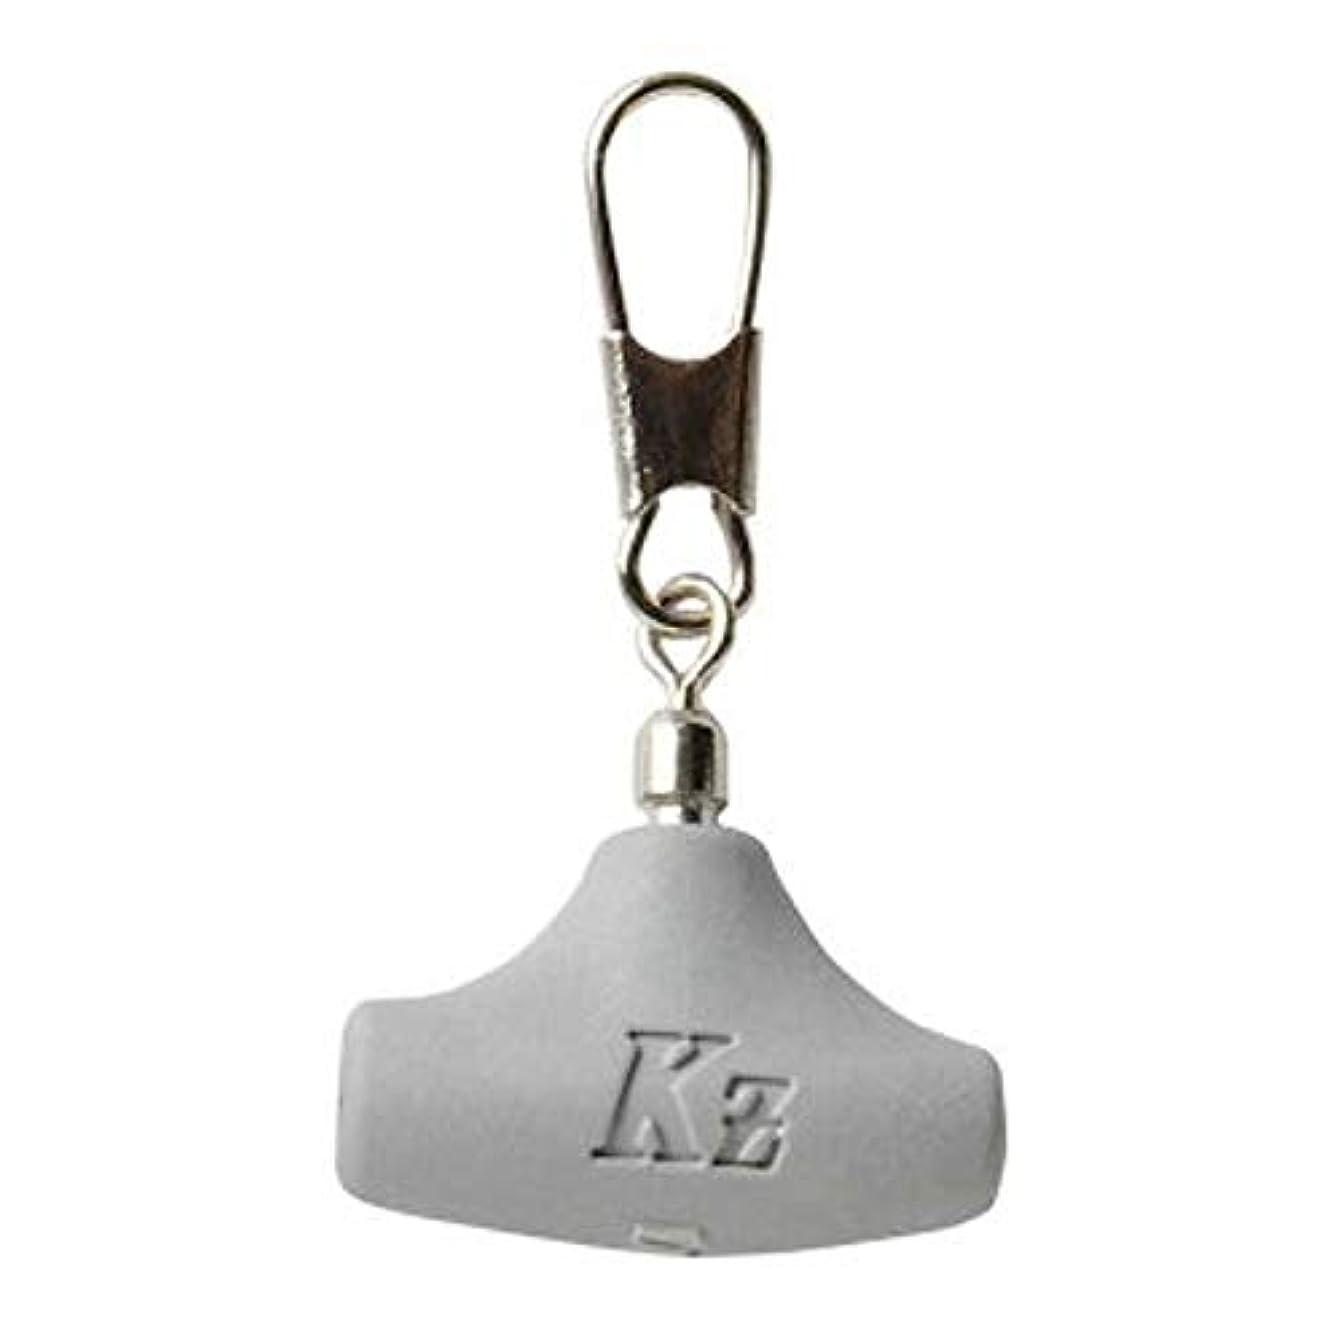 パンサー引き潮許容キザクラ(kizakura) Kz SUB全層ホルダーWR 細穴 08661